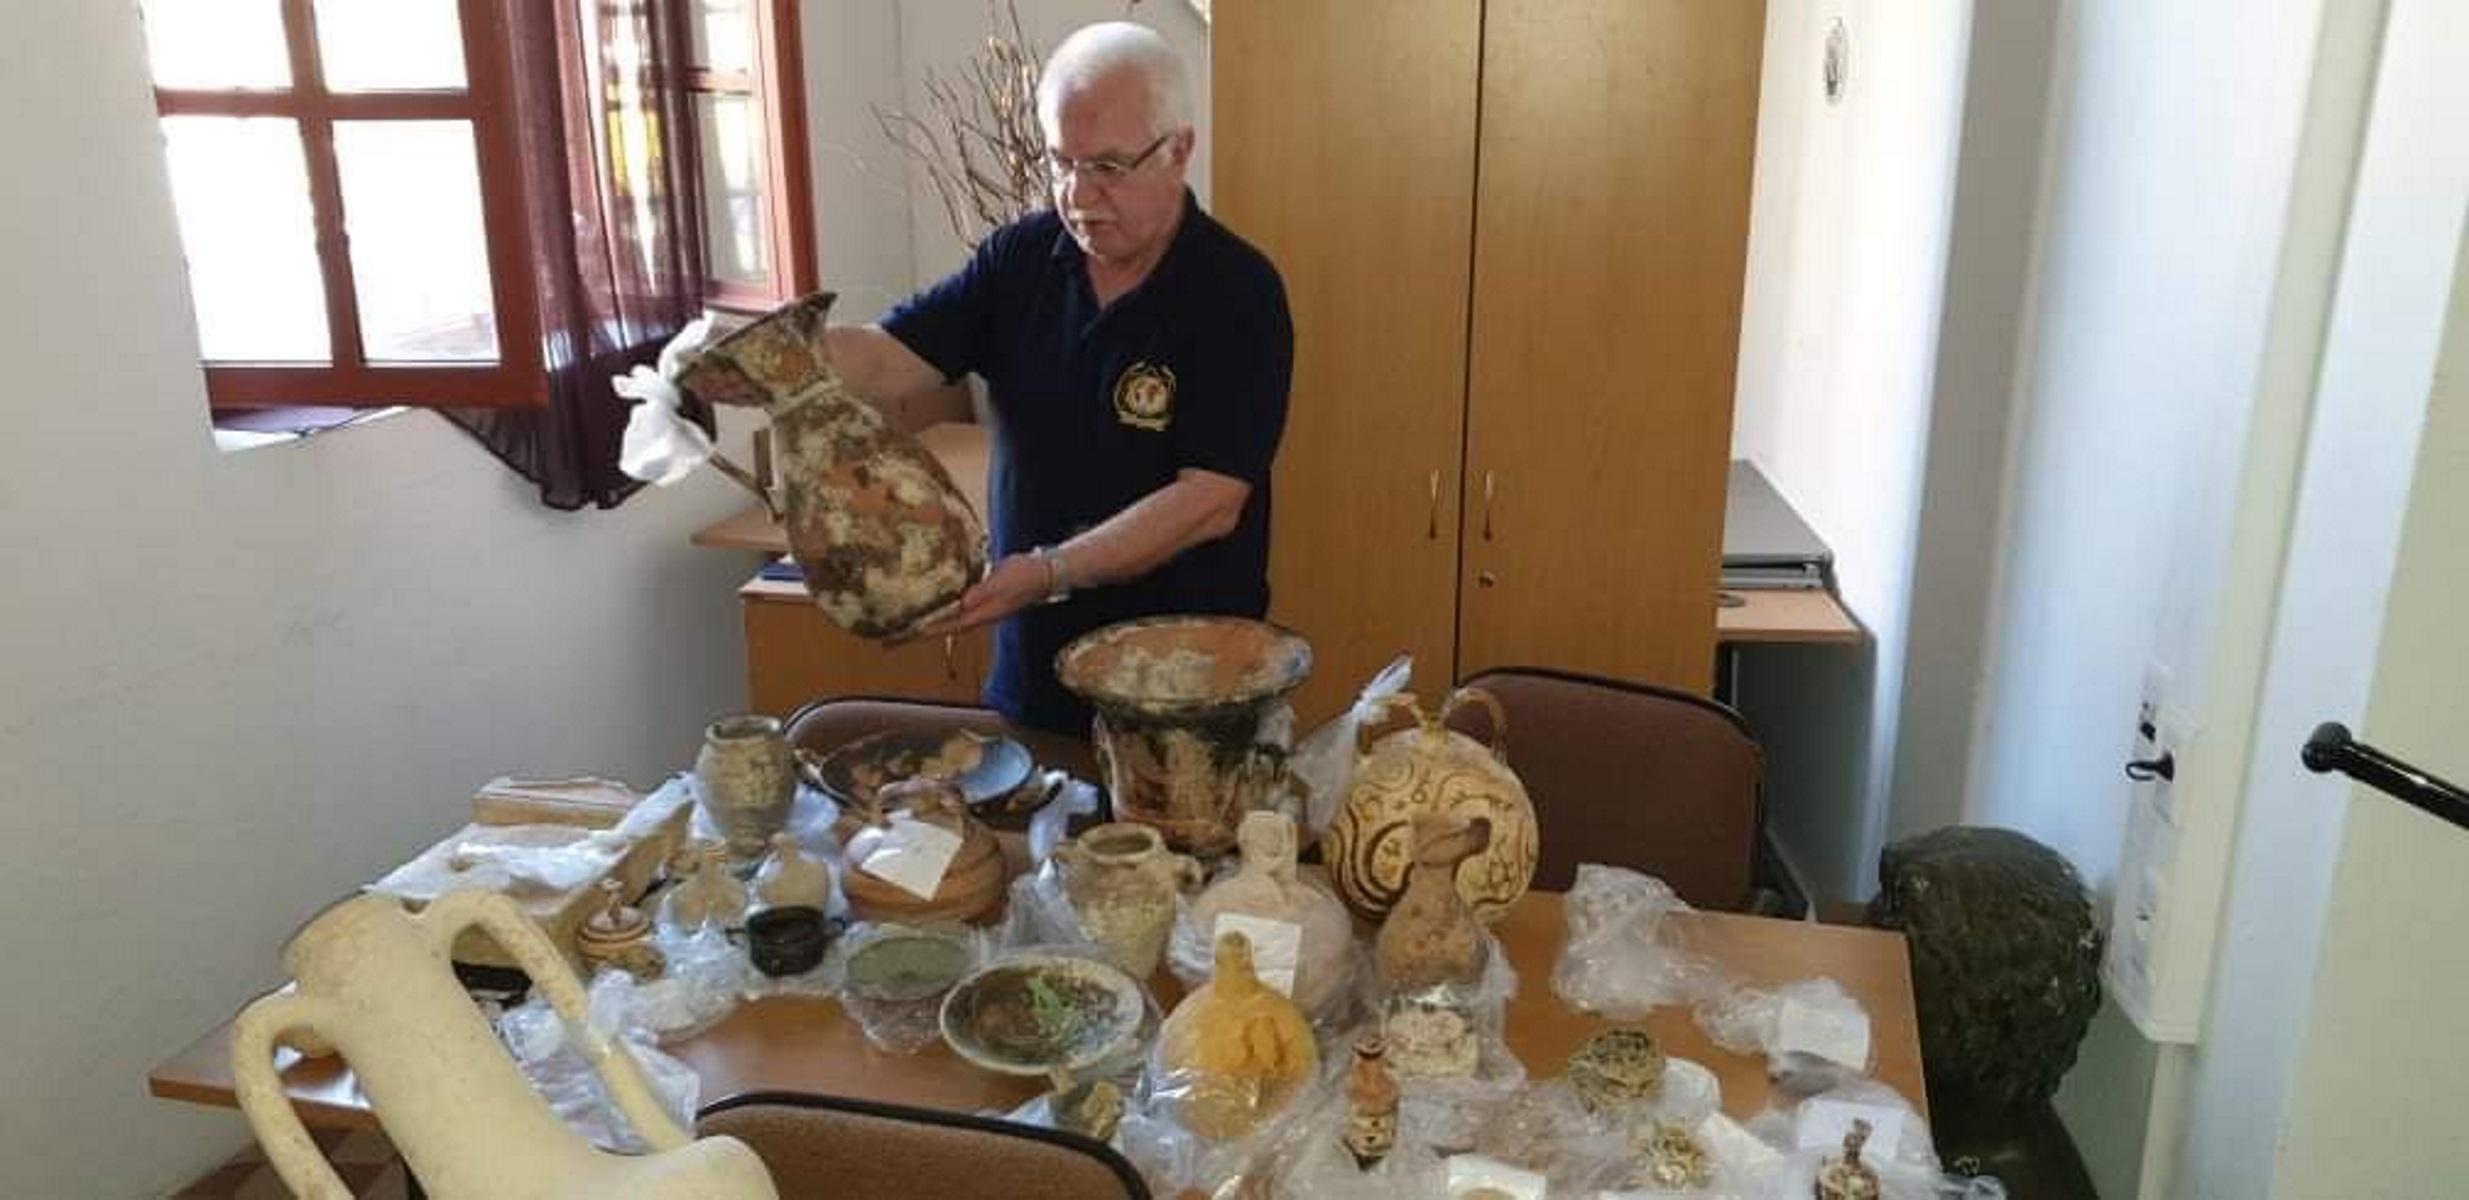 Ρόδος: Επιχειρηματίας έκρυβε θησαυρό αρχαιοτήτων στο σπίτι του – Πώς έφτασαν στη σύλληψή του